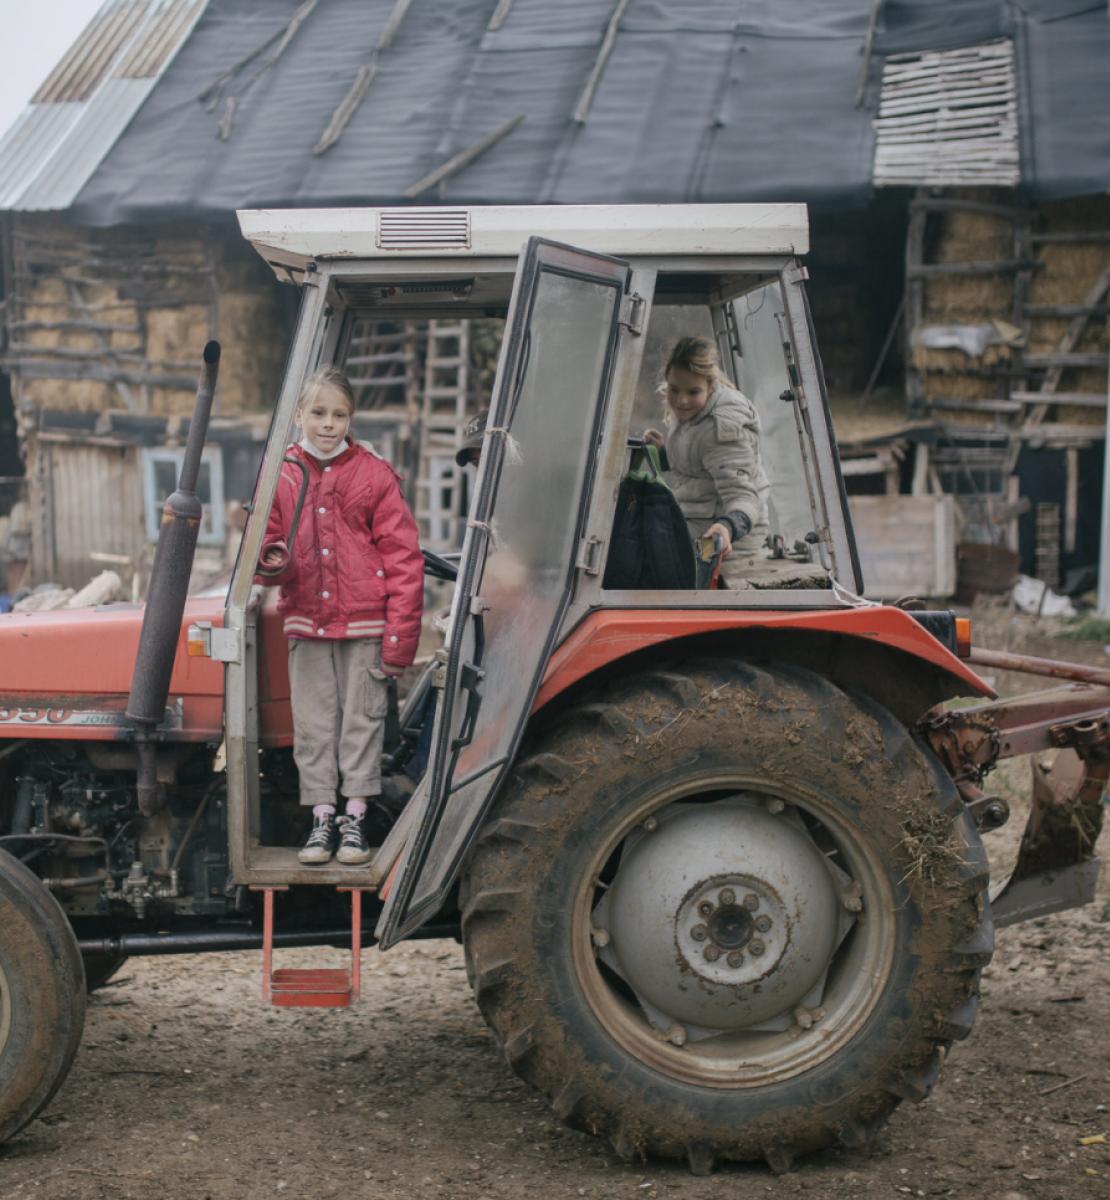 Dos chicas montan en un tractor destartalado, en una granja.